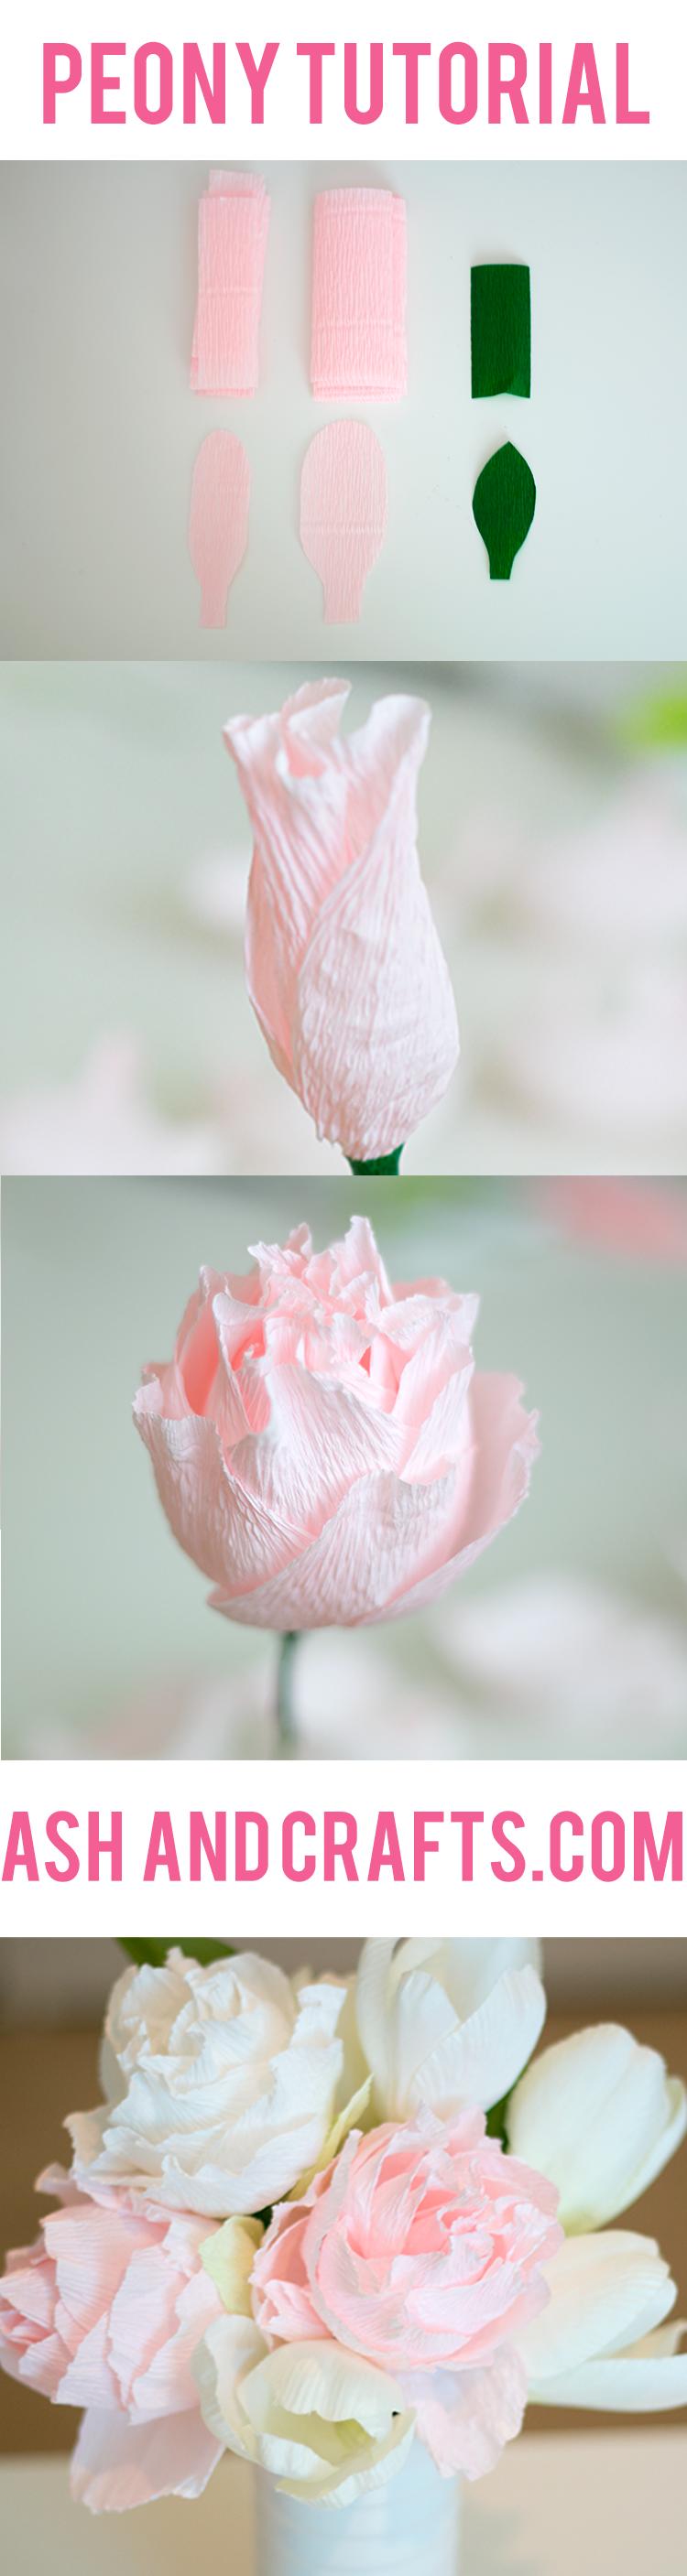 Paper Peony Tutorial Paper Peonies Paper Flowers Paper Flowers Diy